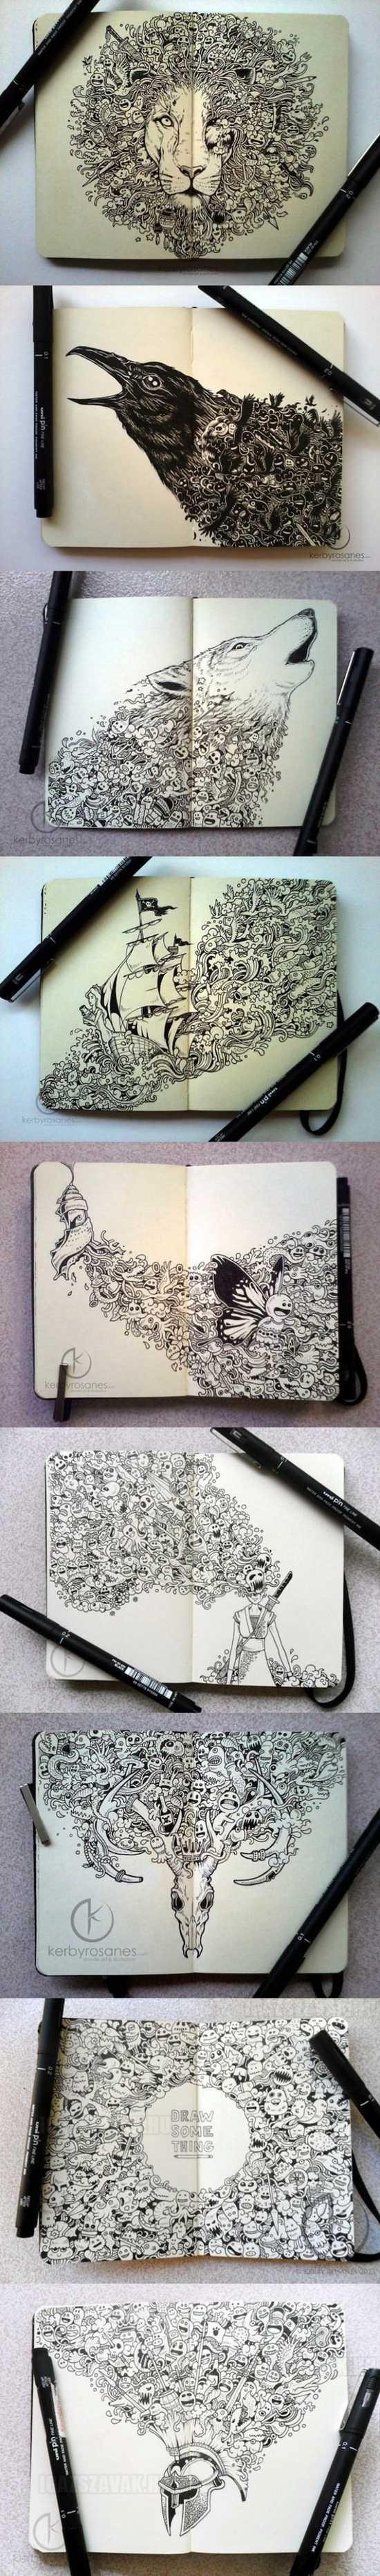 Hihetetlenül szép  Moleskine rajzok